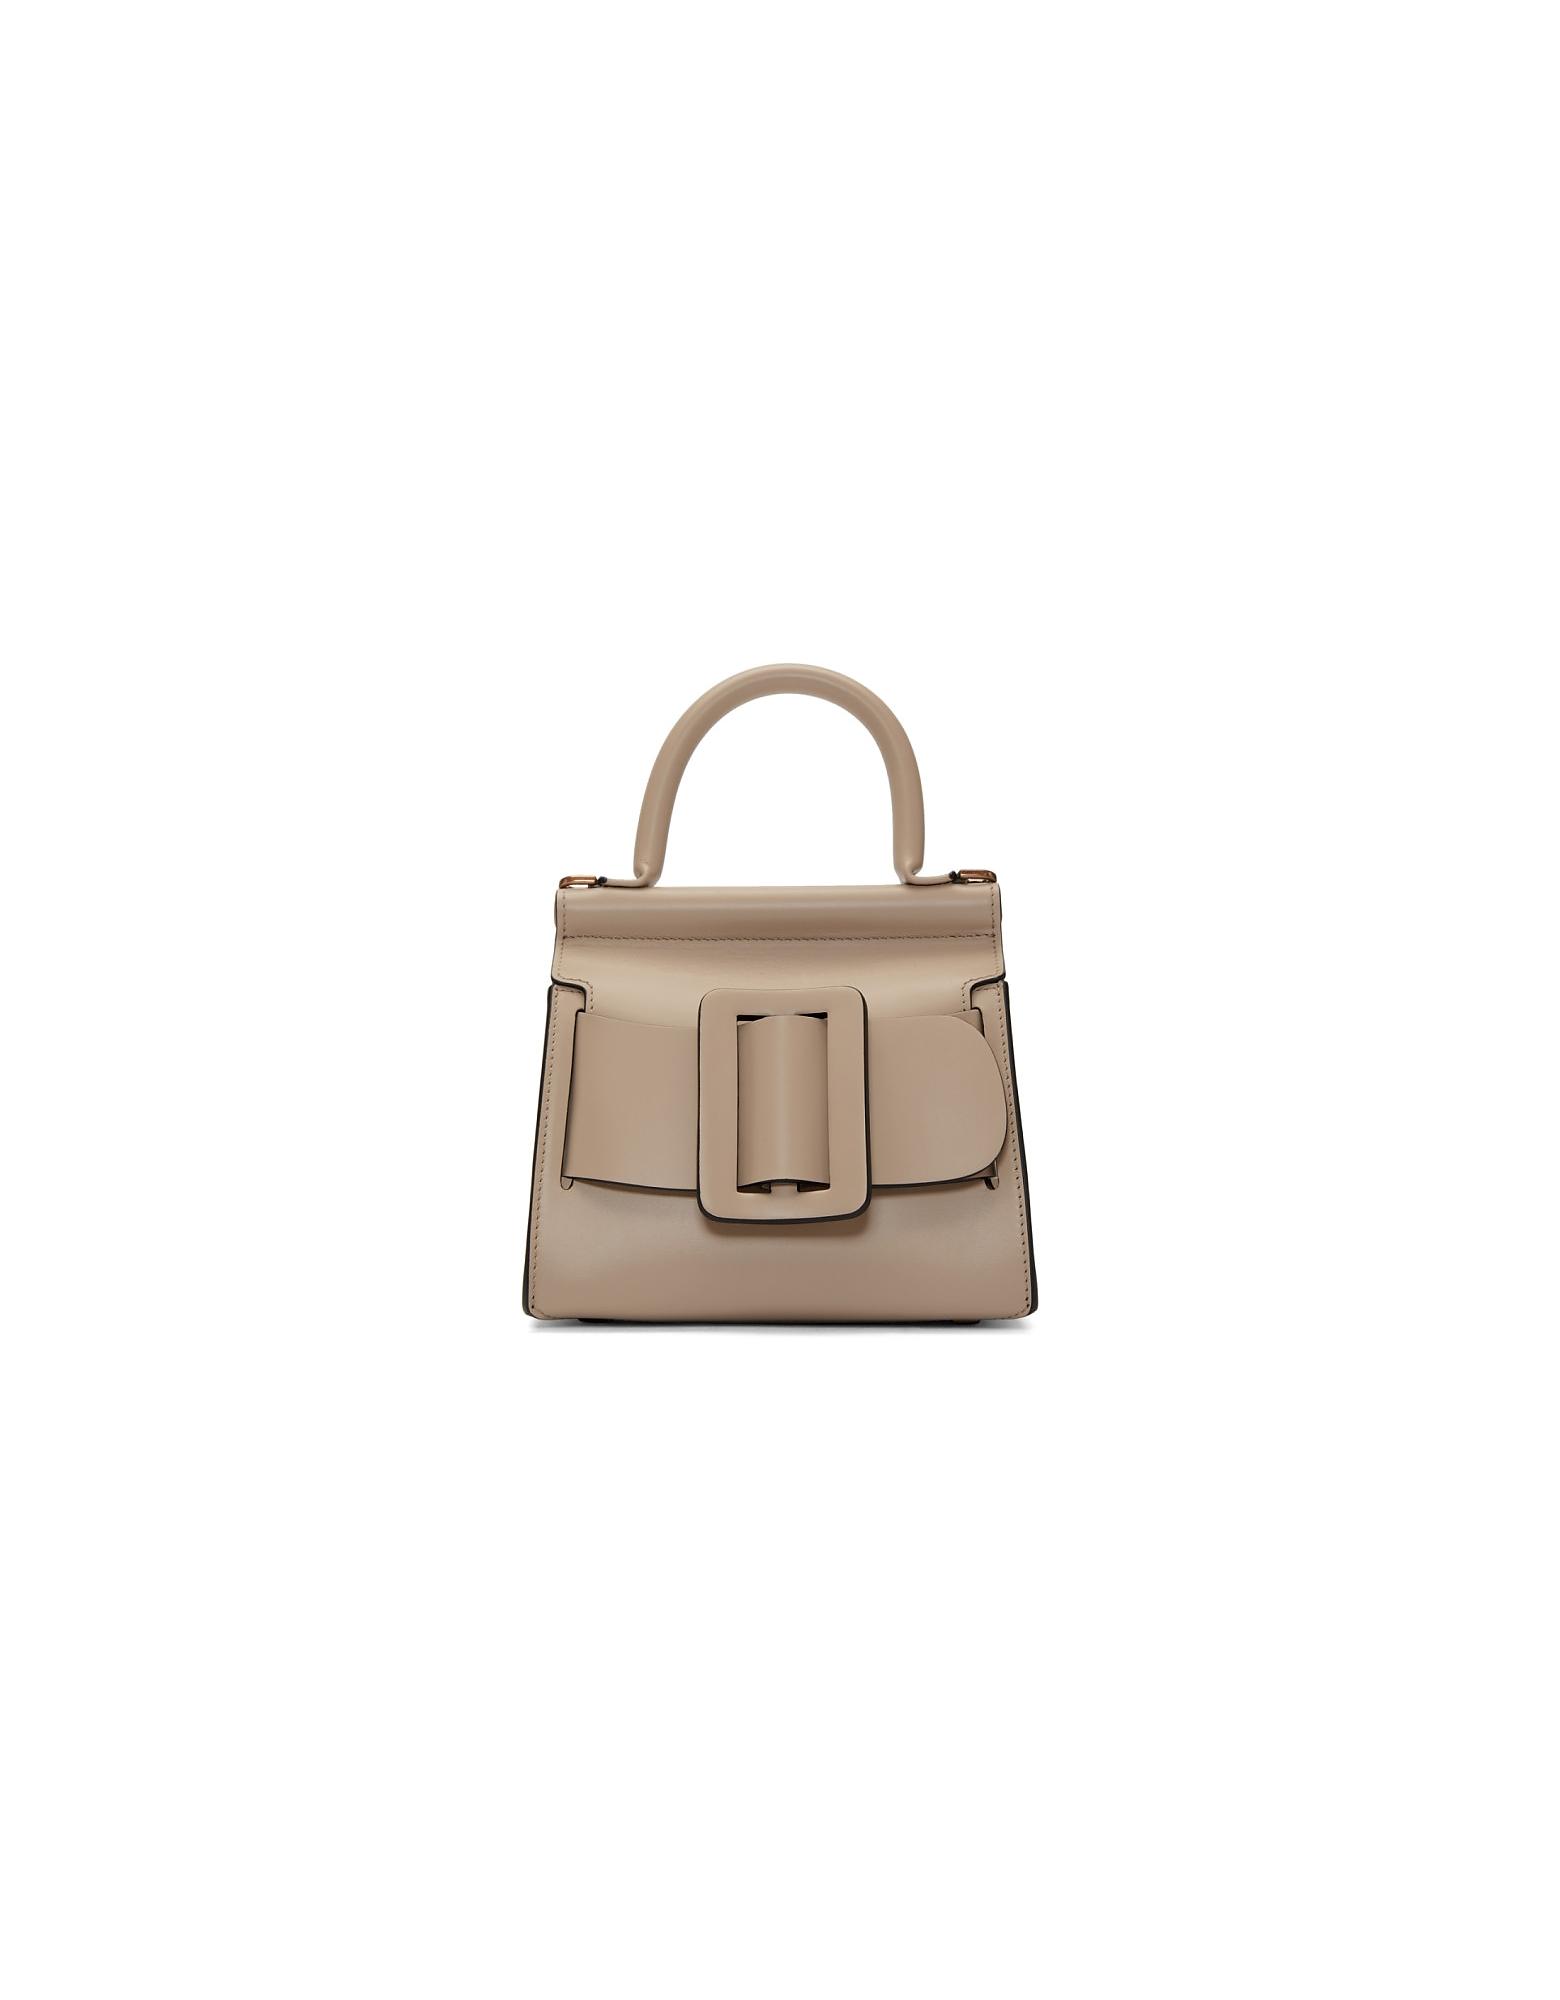 BOYY Designer Handbags, Beige Karl 19 Bag